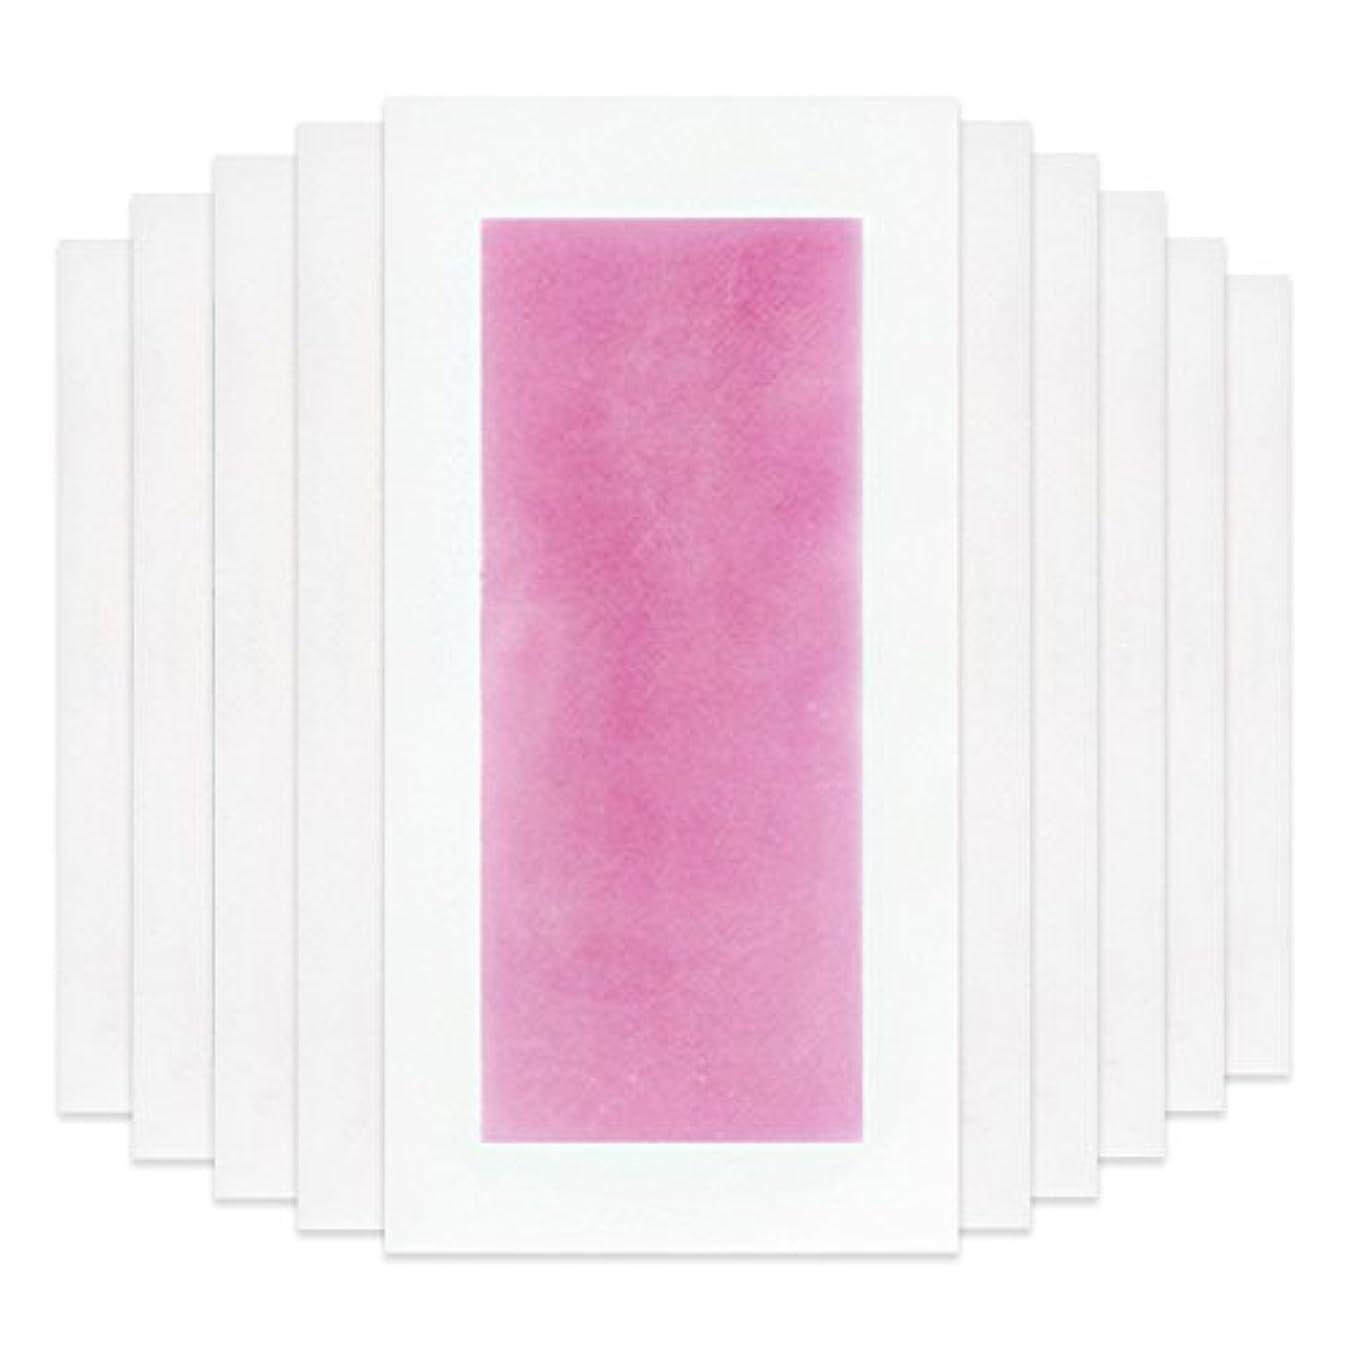 腹穀物社交的Rabugoo セクシー 脚の身体の顔のための10個のプロフェッショナルな夏の脱毛ダブルサイドコールドワックスストリップ紙 Pink